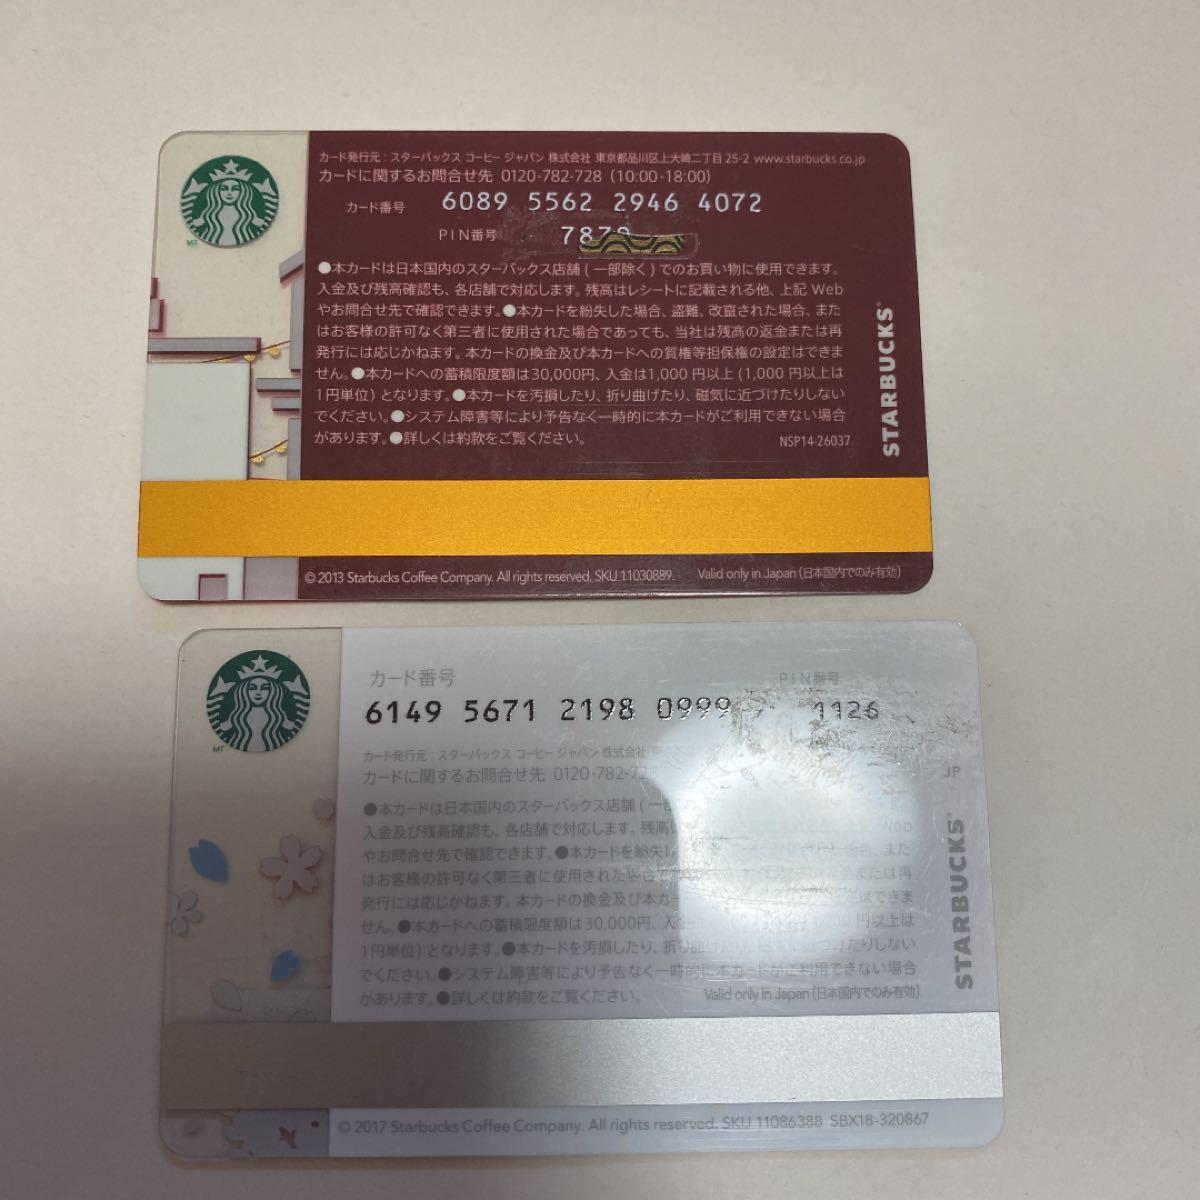 スターバックスカード さくら スタバカード